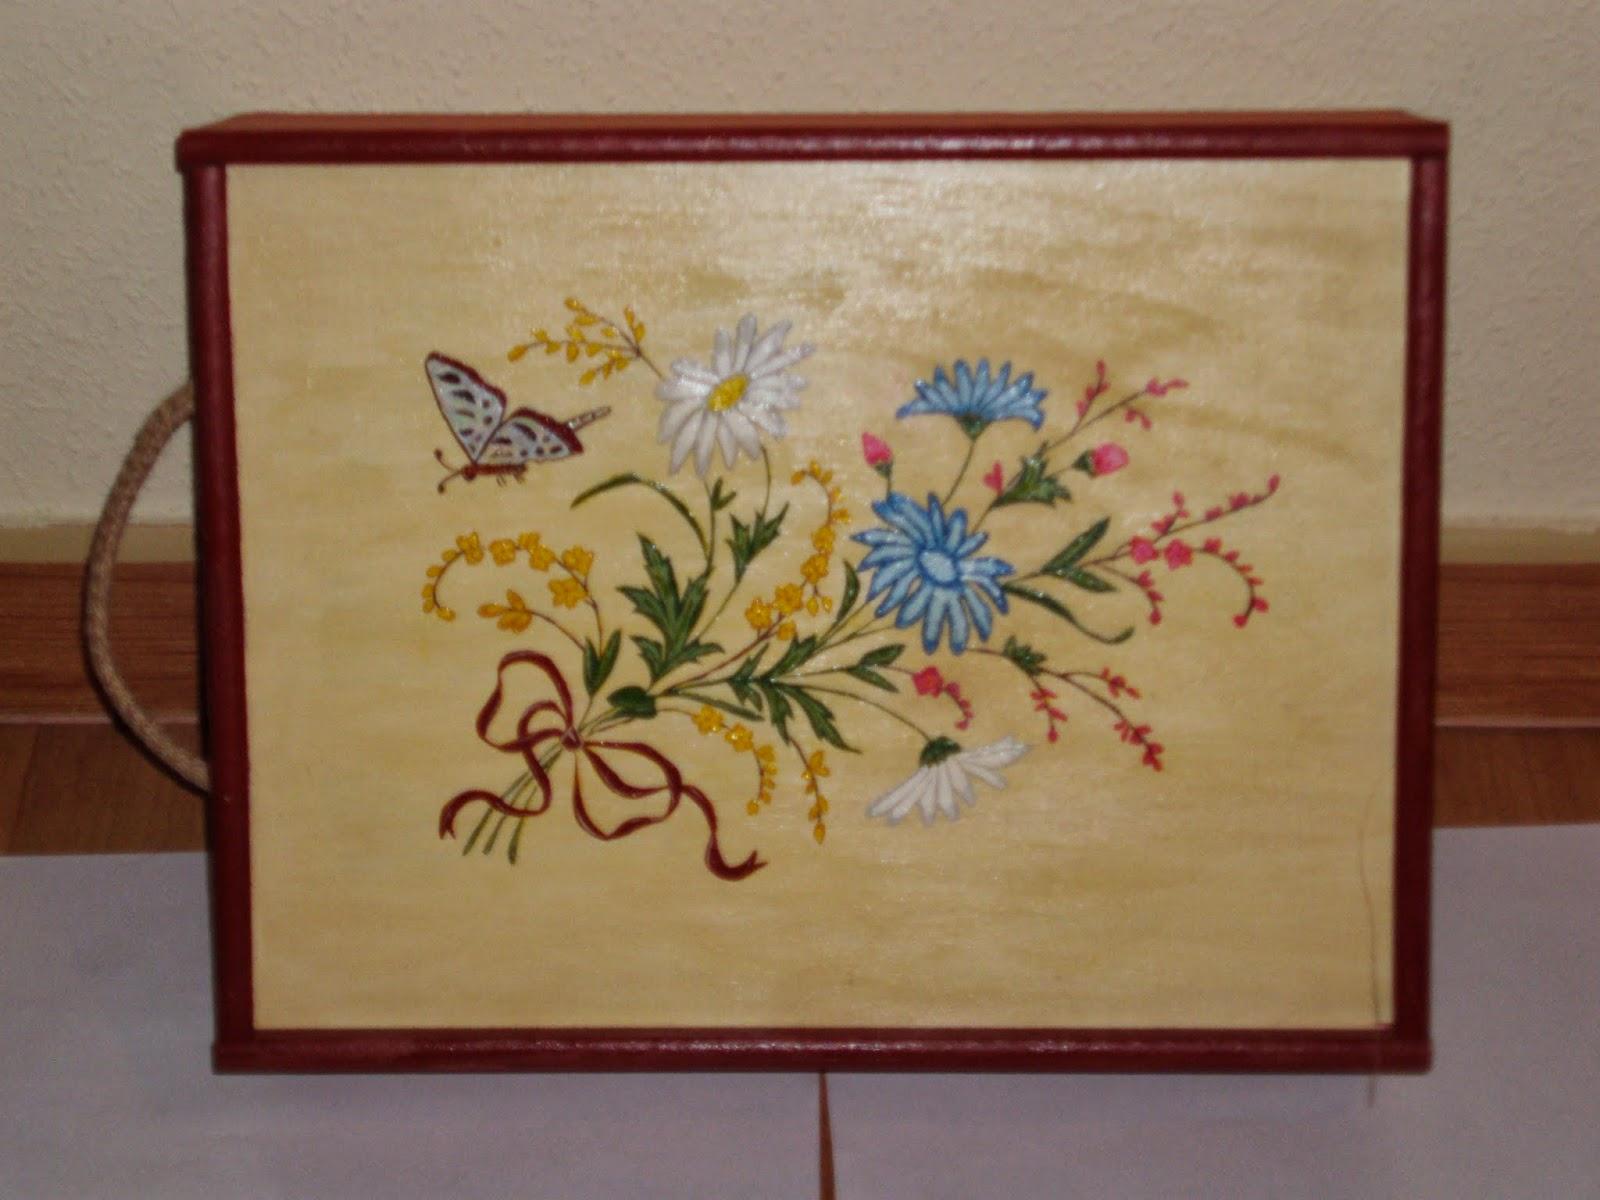 hecho un dibujo con pintura para madera en este caso lo hemos utilizado como costurero ya que en el interior le adaptamos varios apartados para guardar